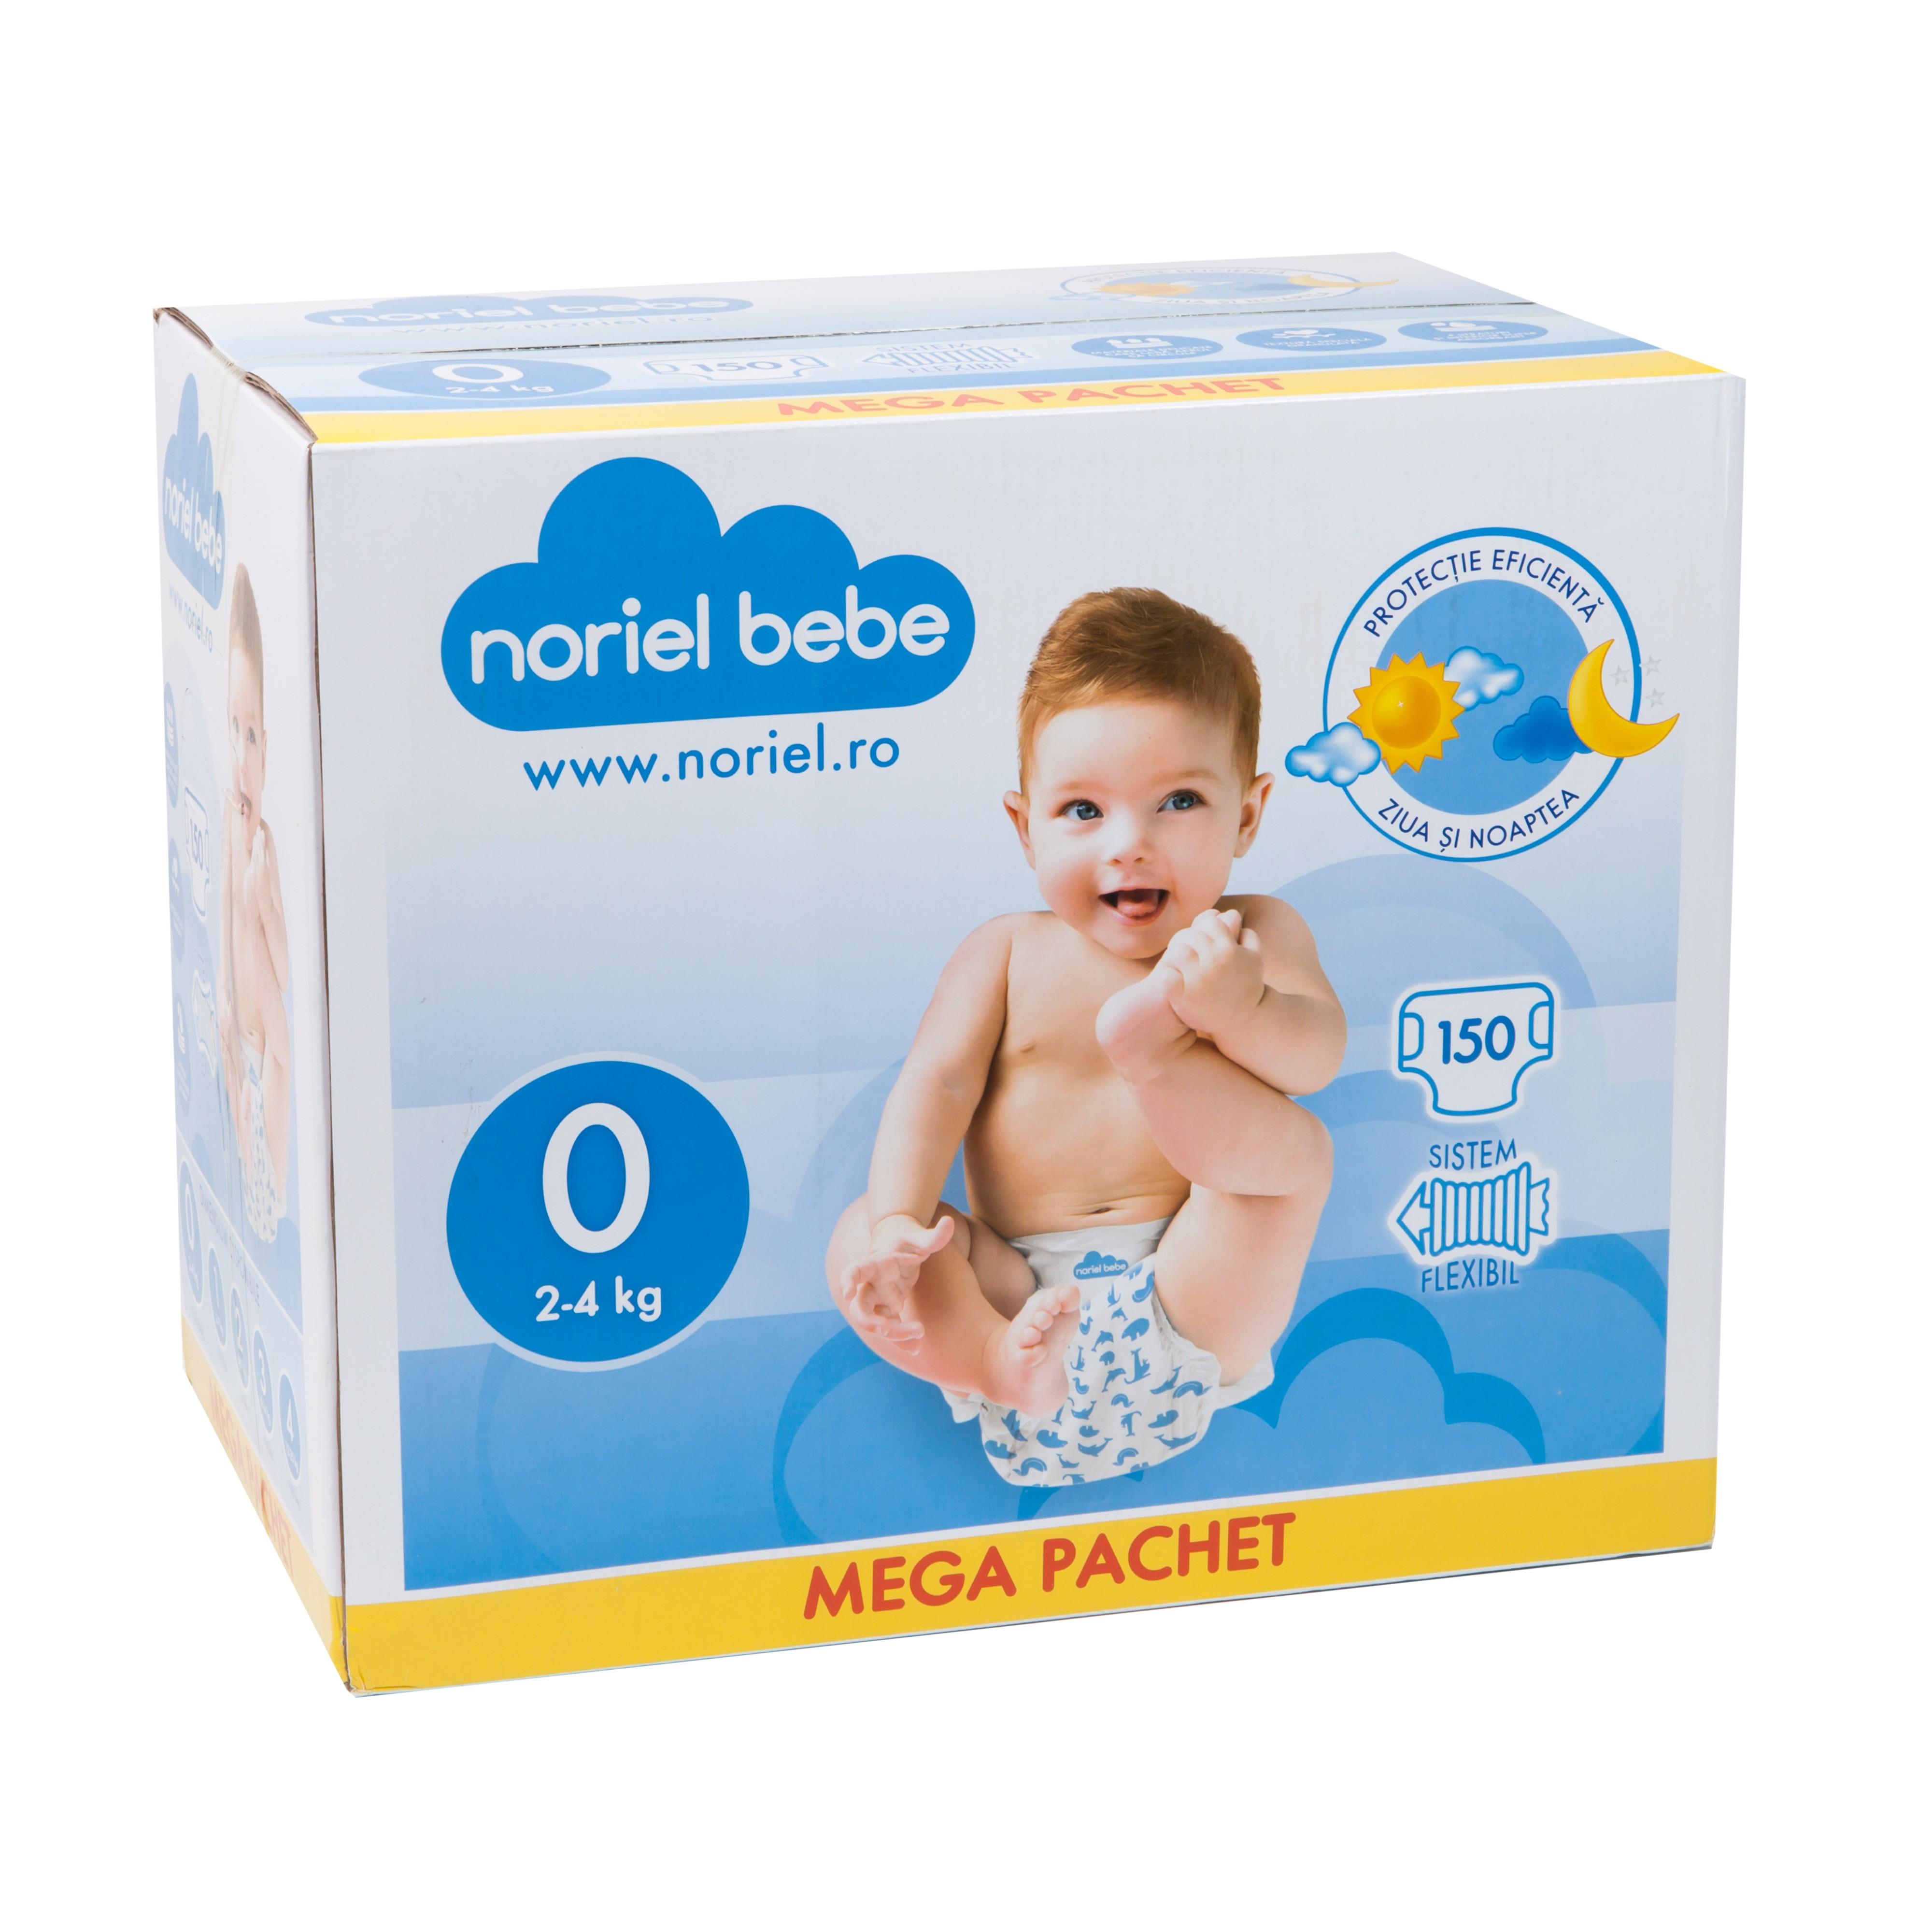 scutece-noriel-bebe-mega-pachet-marimea-0-150-buc-2-4-kg